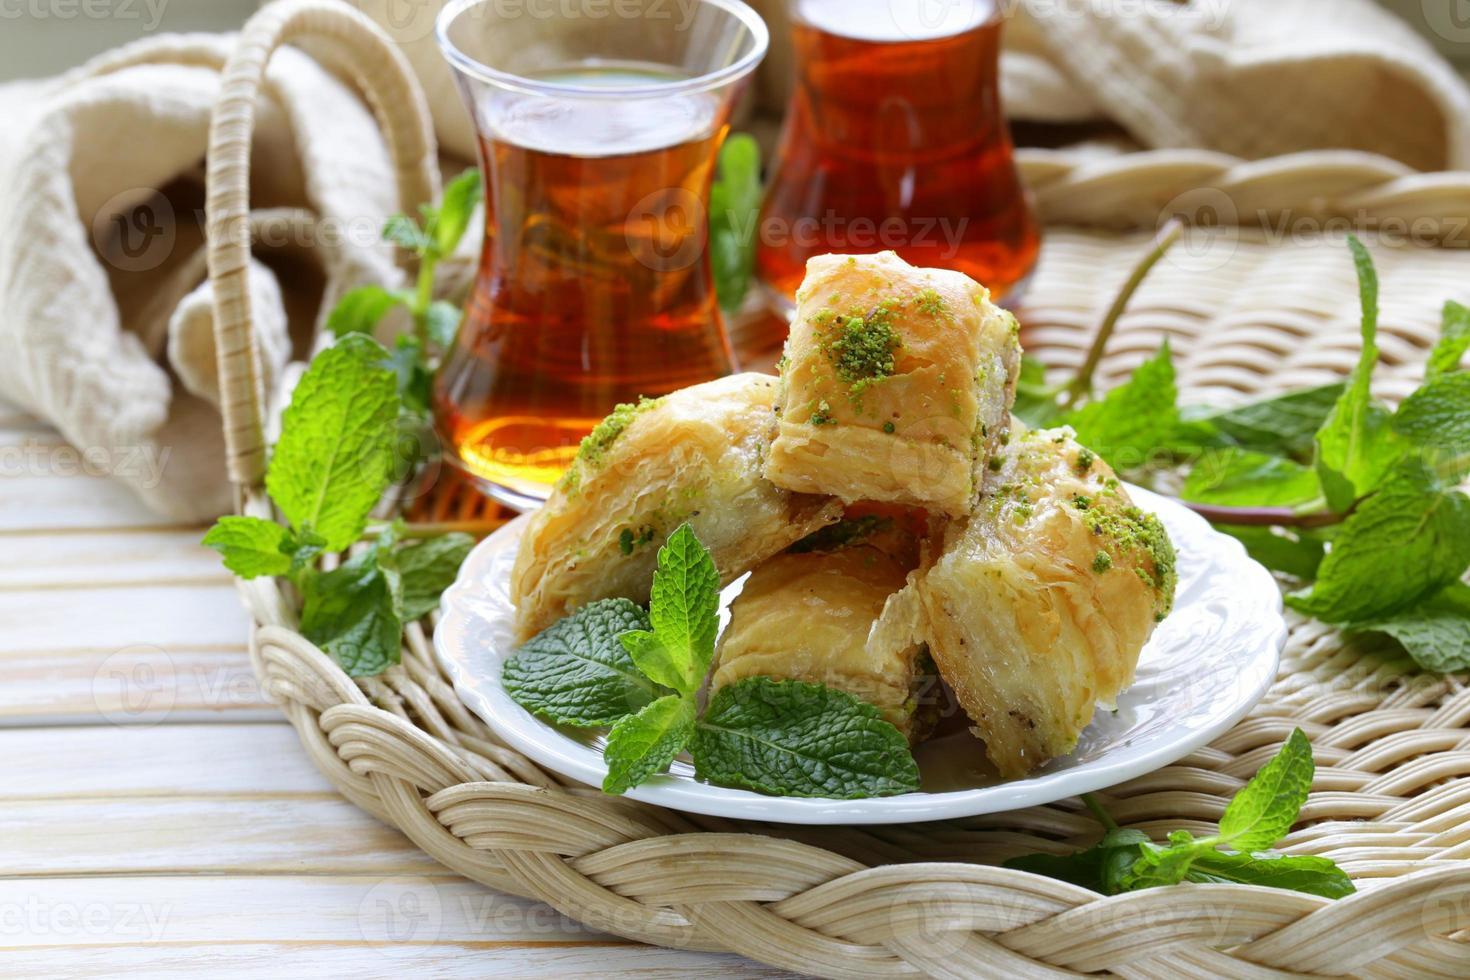 traditionelles türkisch-arabisches Dessert - Baklava mit Honig und Pistazien foto